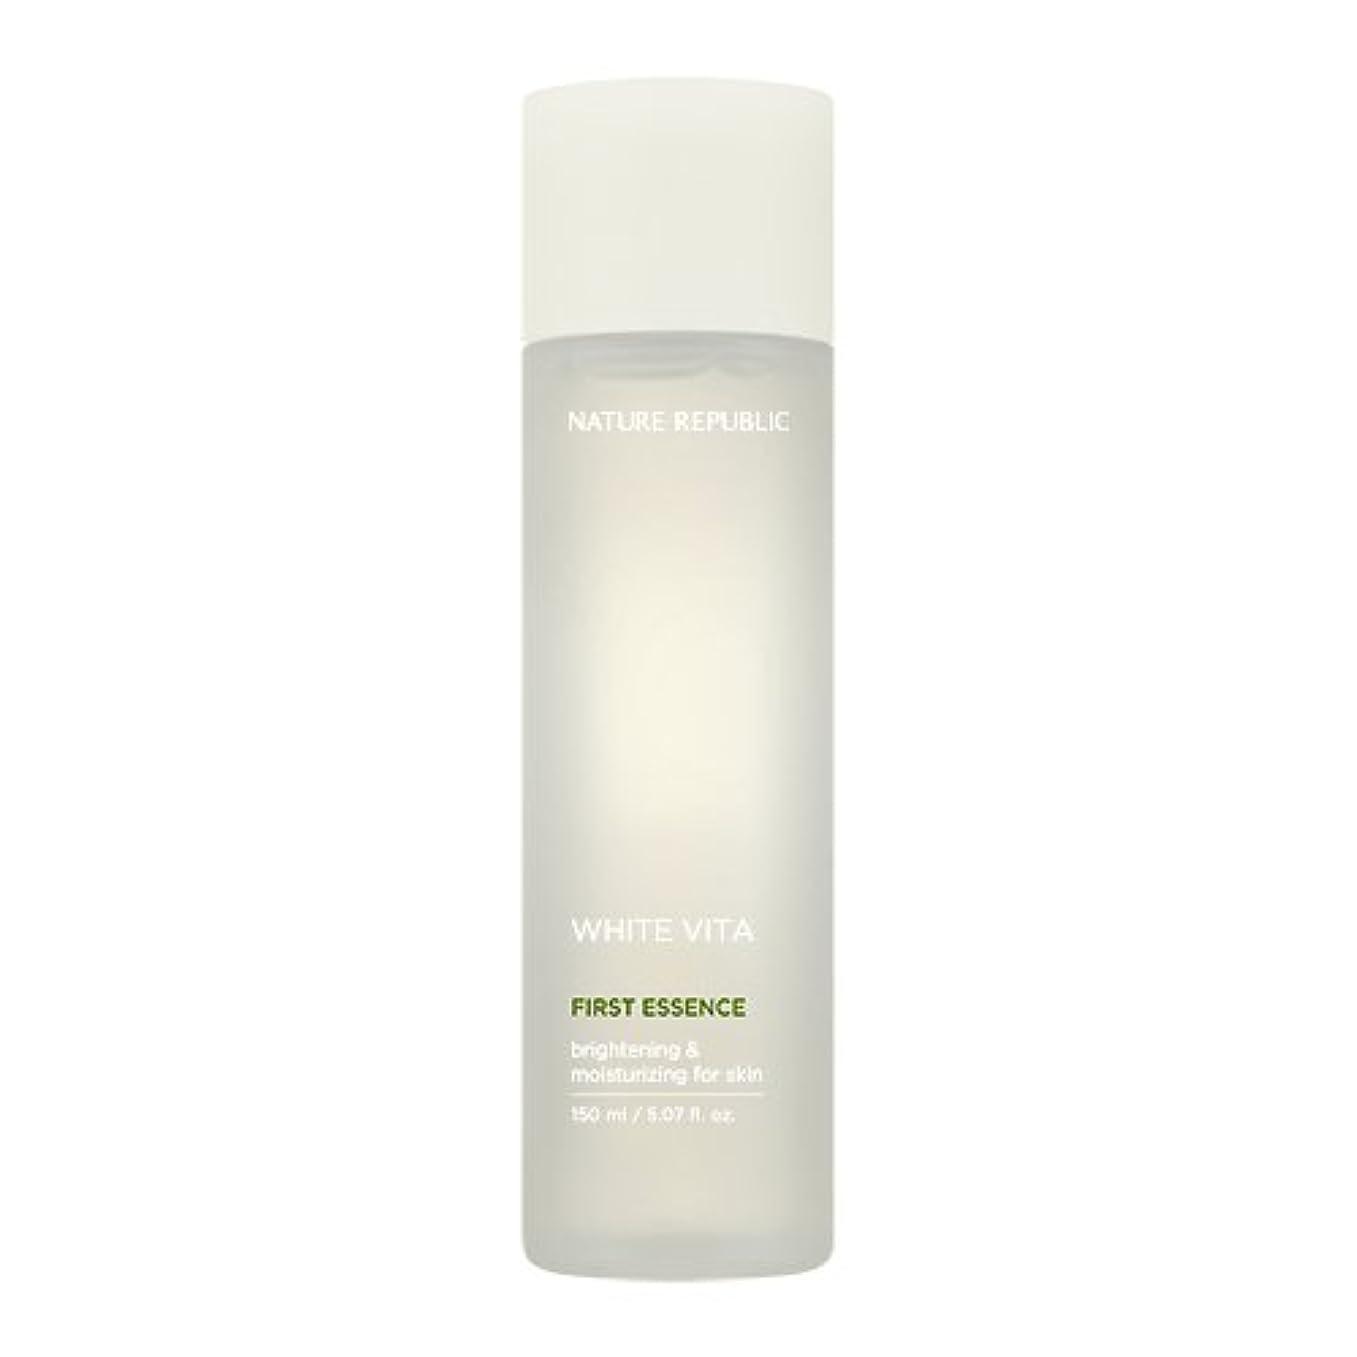 広告ピッチ非互換[Renewal] NATURE REPUBLIC White Vita Floral Capsule Essence / ネイチャーリパブリック ホワイトヴィータフローラルプセルエッセンス40ml [並行輸入品]